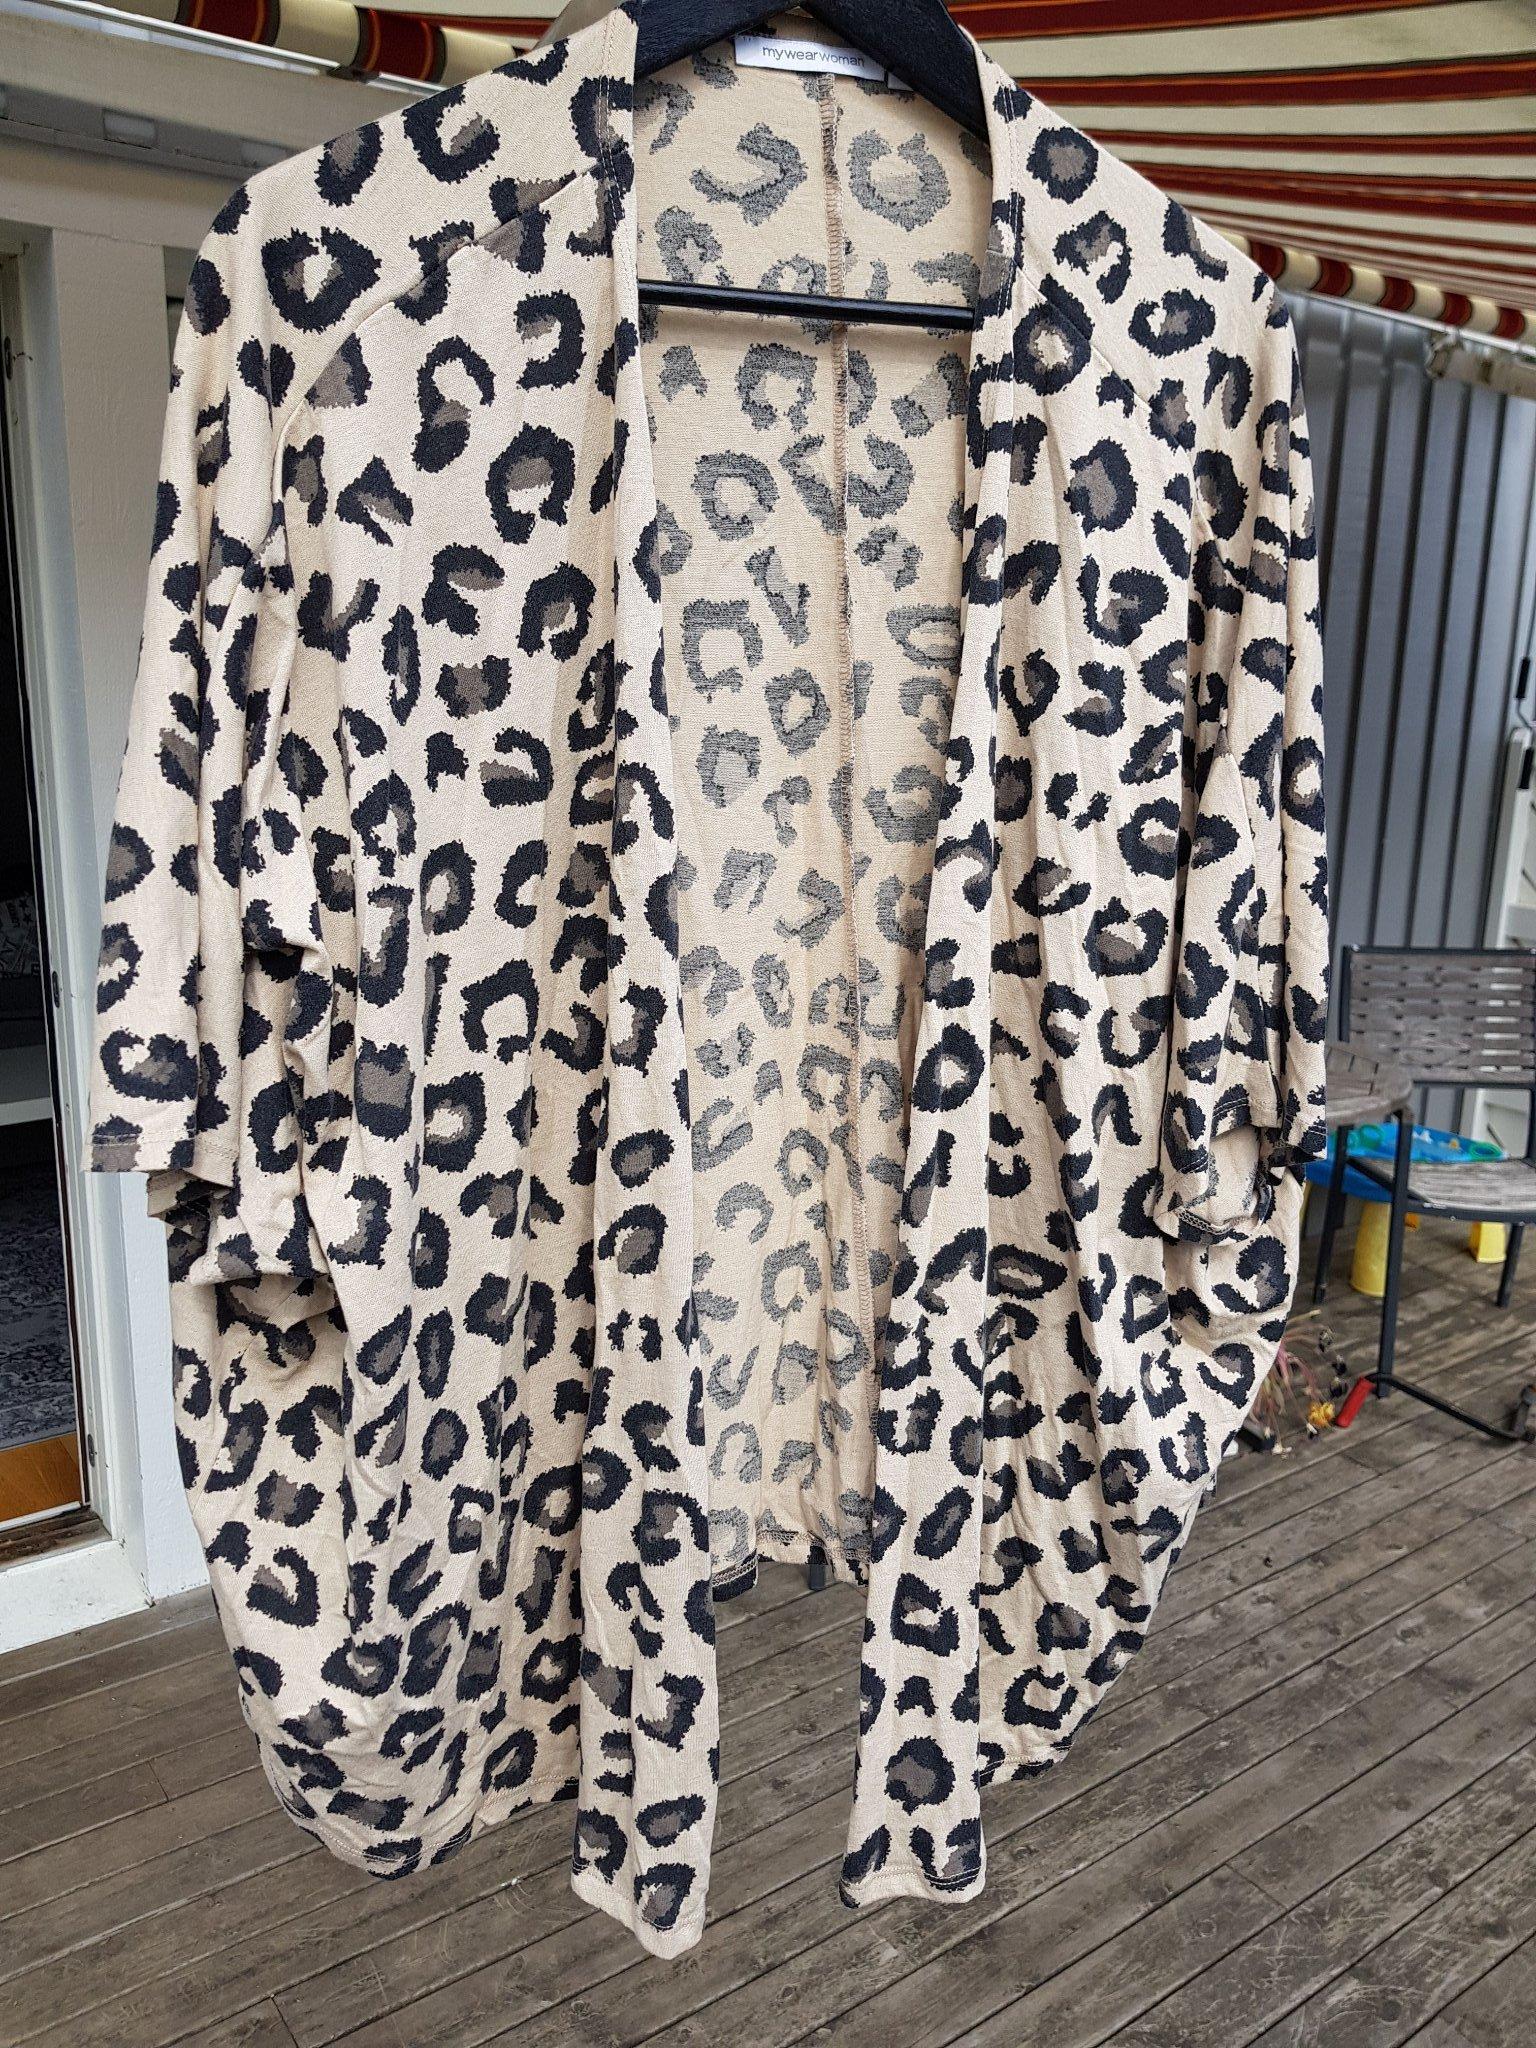 ab45e1985cc5 Fin tunn tunika/ kaftan leopard stl. S/M (349391009) ᐈ Köp på Tradera